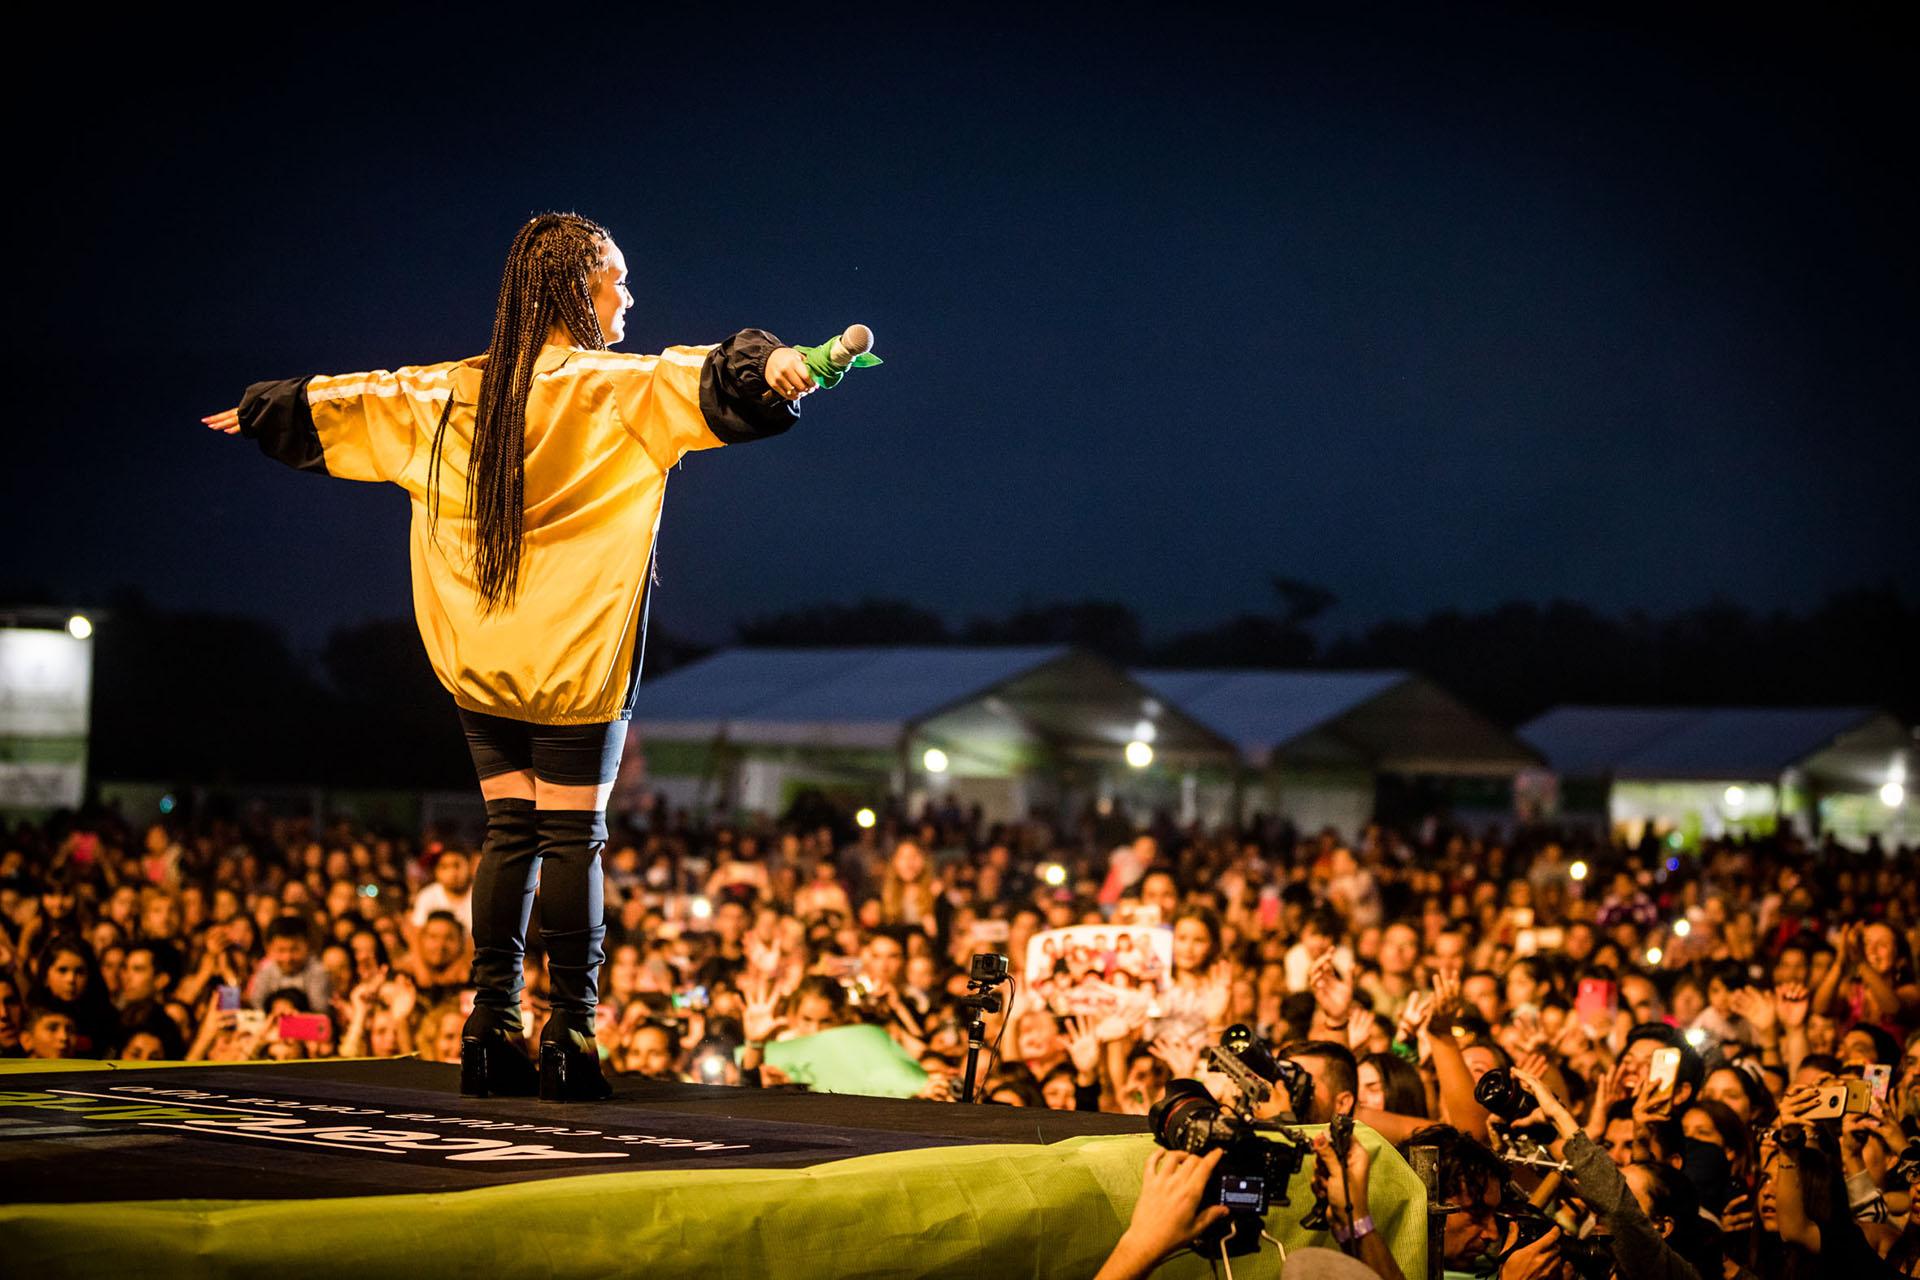 Ante una multitud, Torres lució muy a la moda y llevó puesto el pañuelo verde para marcar su posición en la lucha por la legalización del aborto